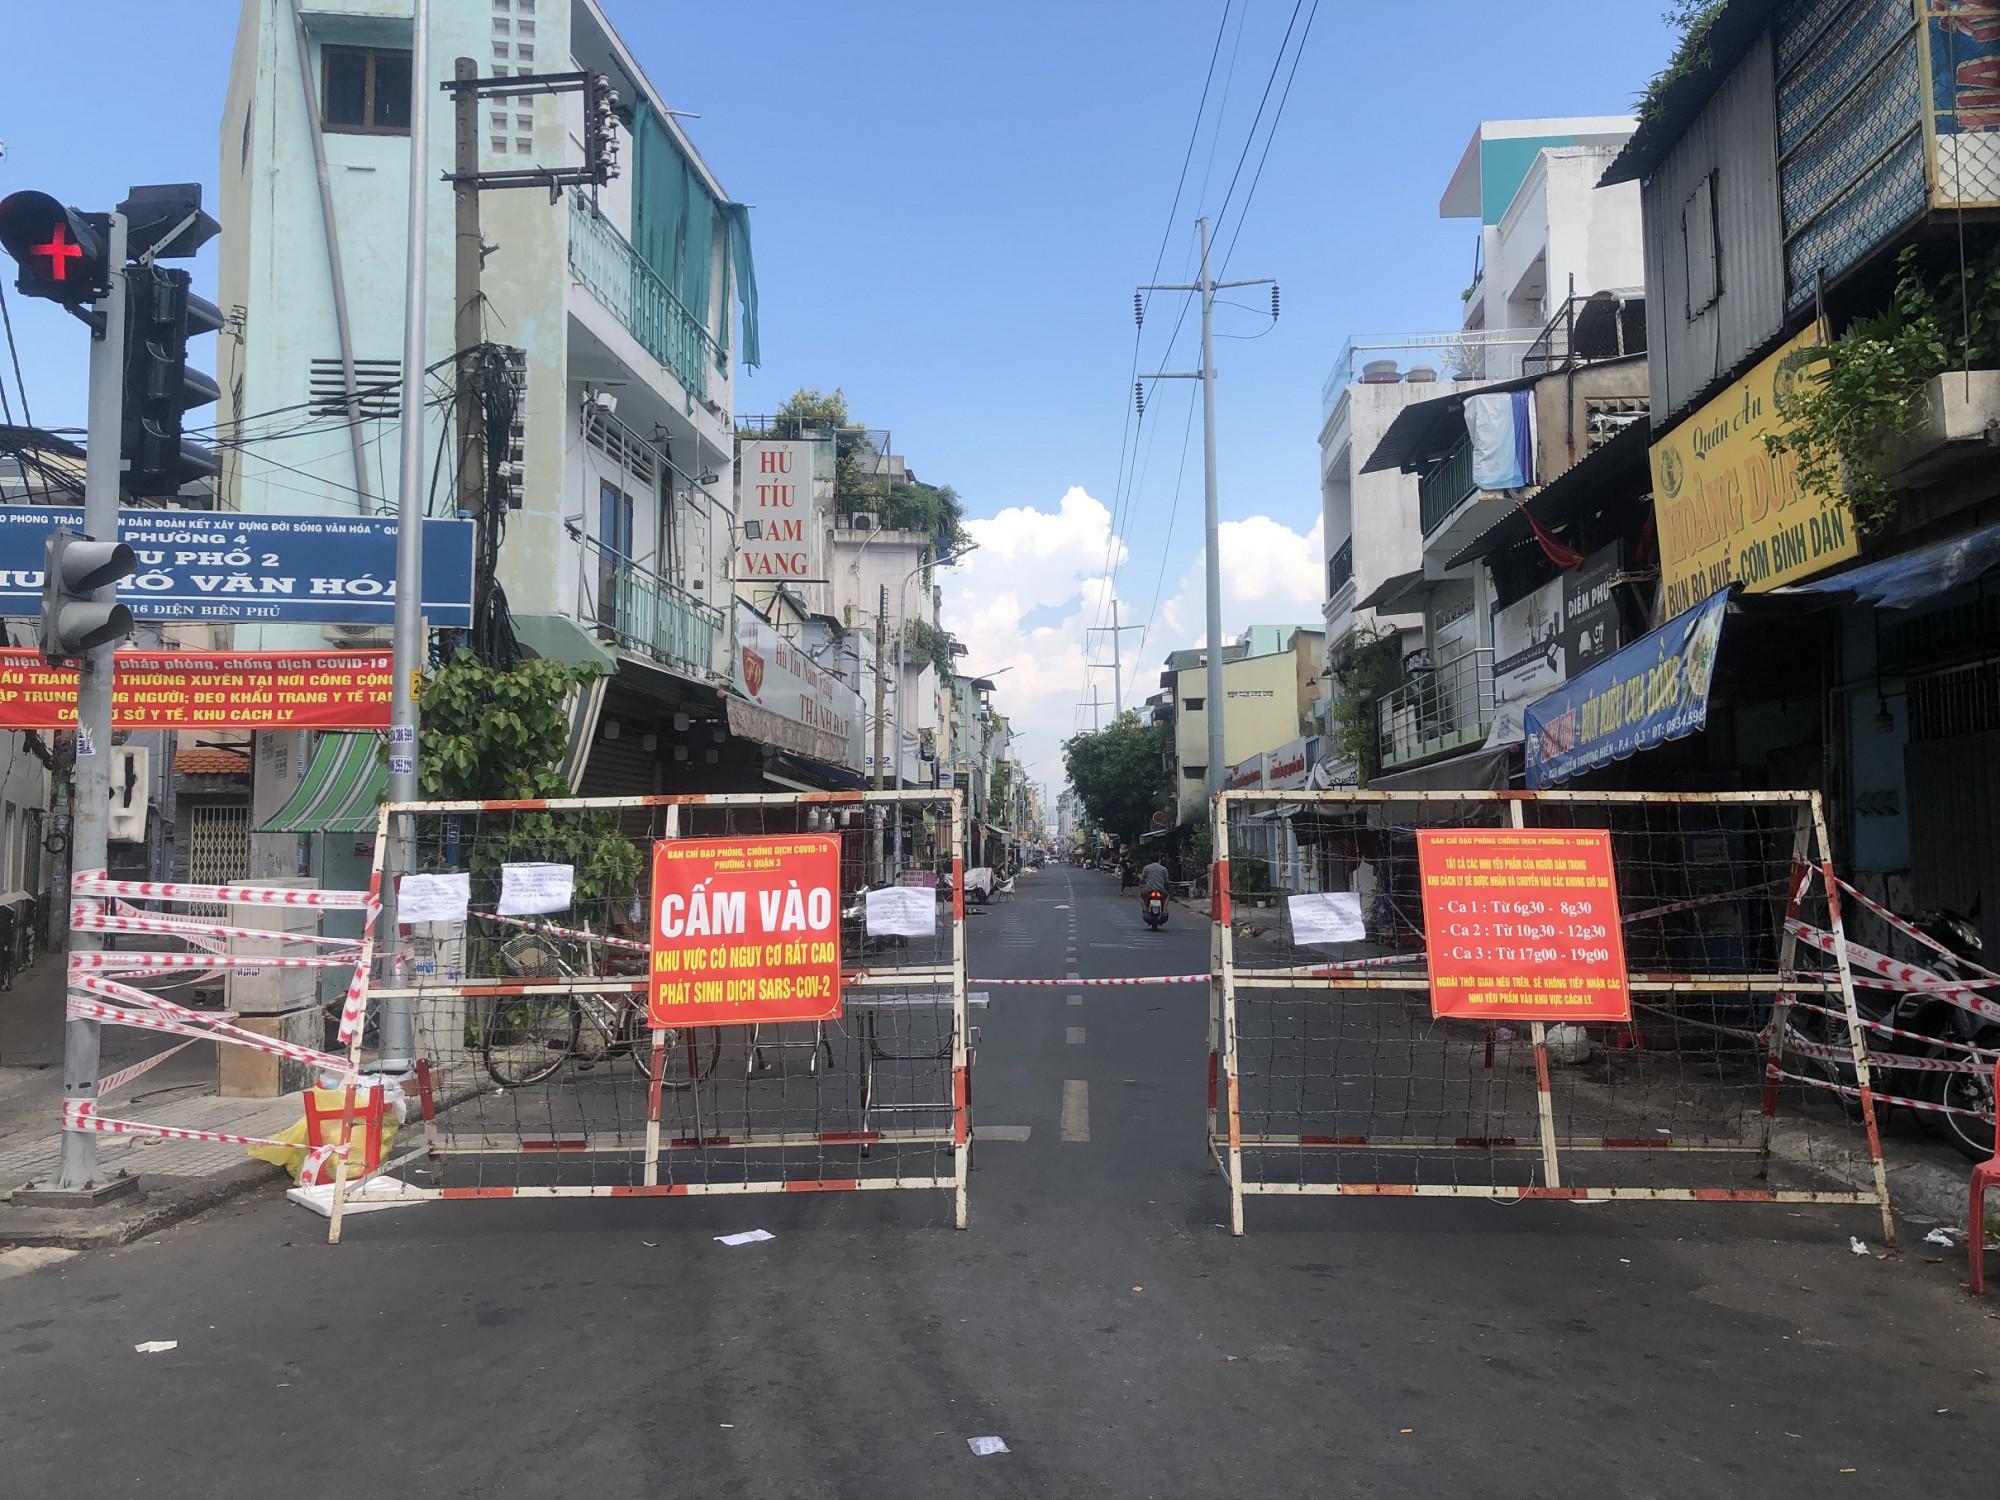 Rào chắn trên đường phố TPHCM. Ảnh: Quốc Ngọc